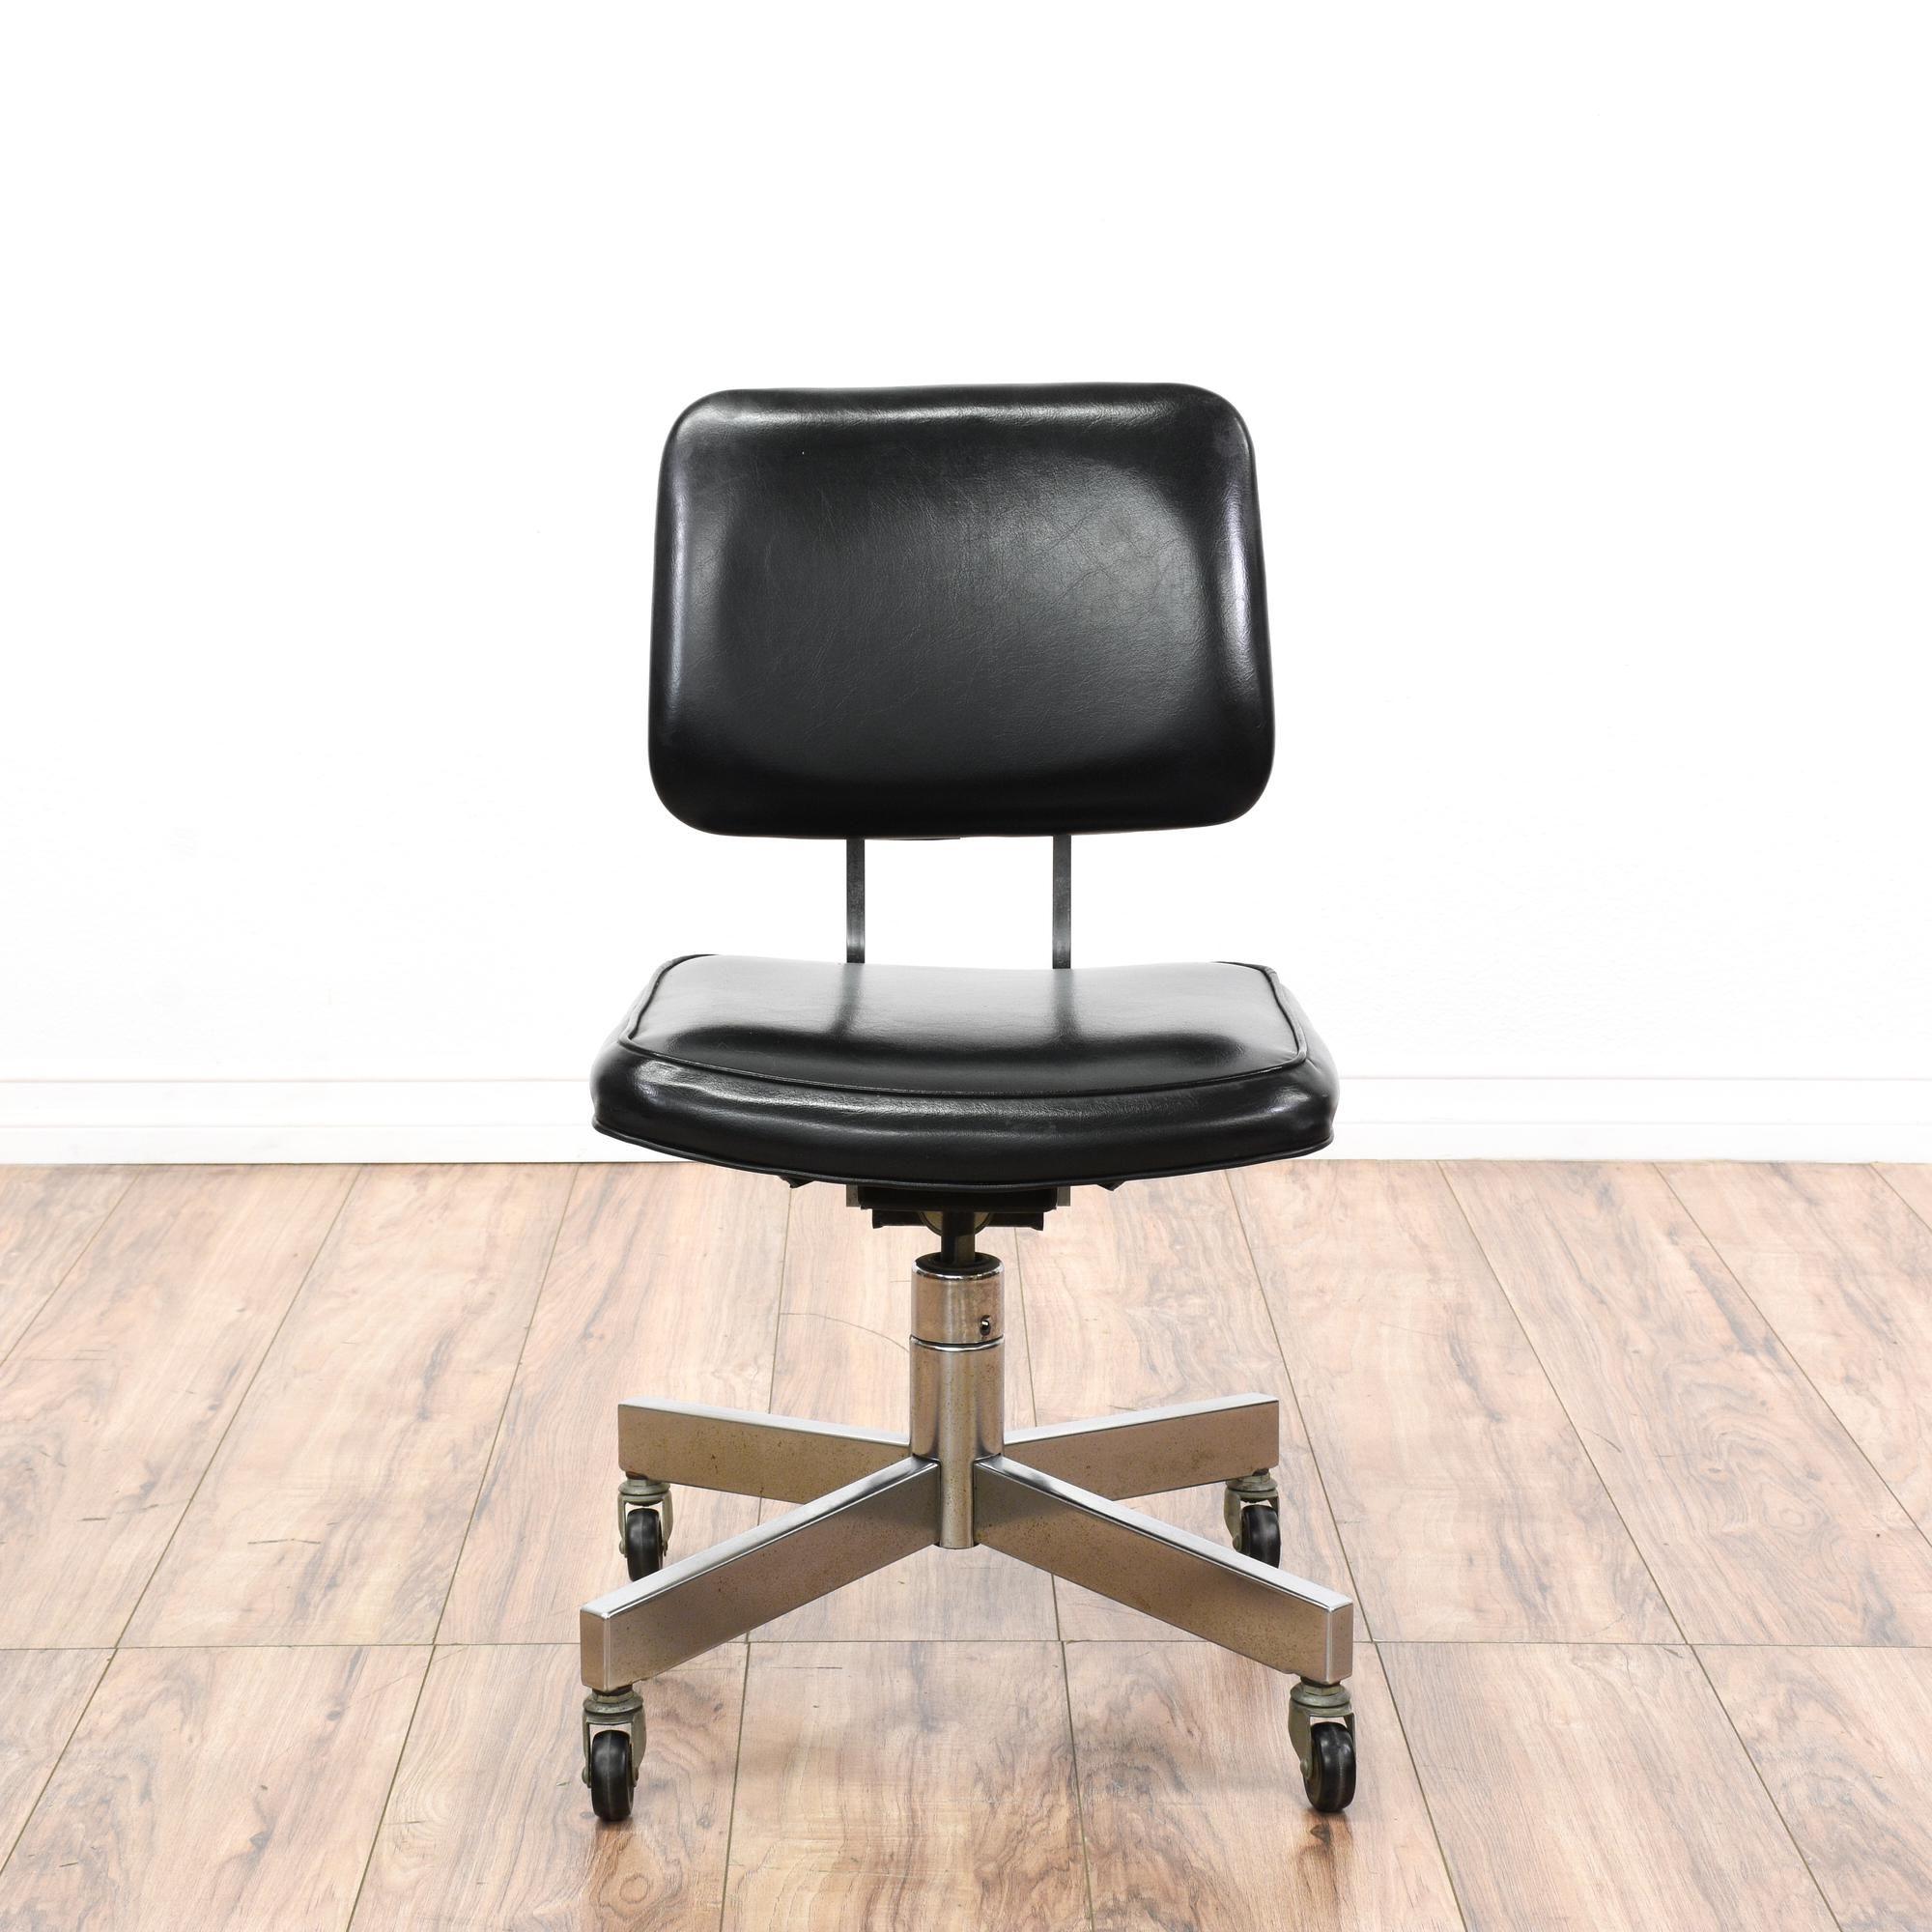 Erkunde Bürodrehstuhl, Bürostühle Und Noch Mehr!